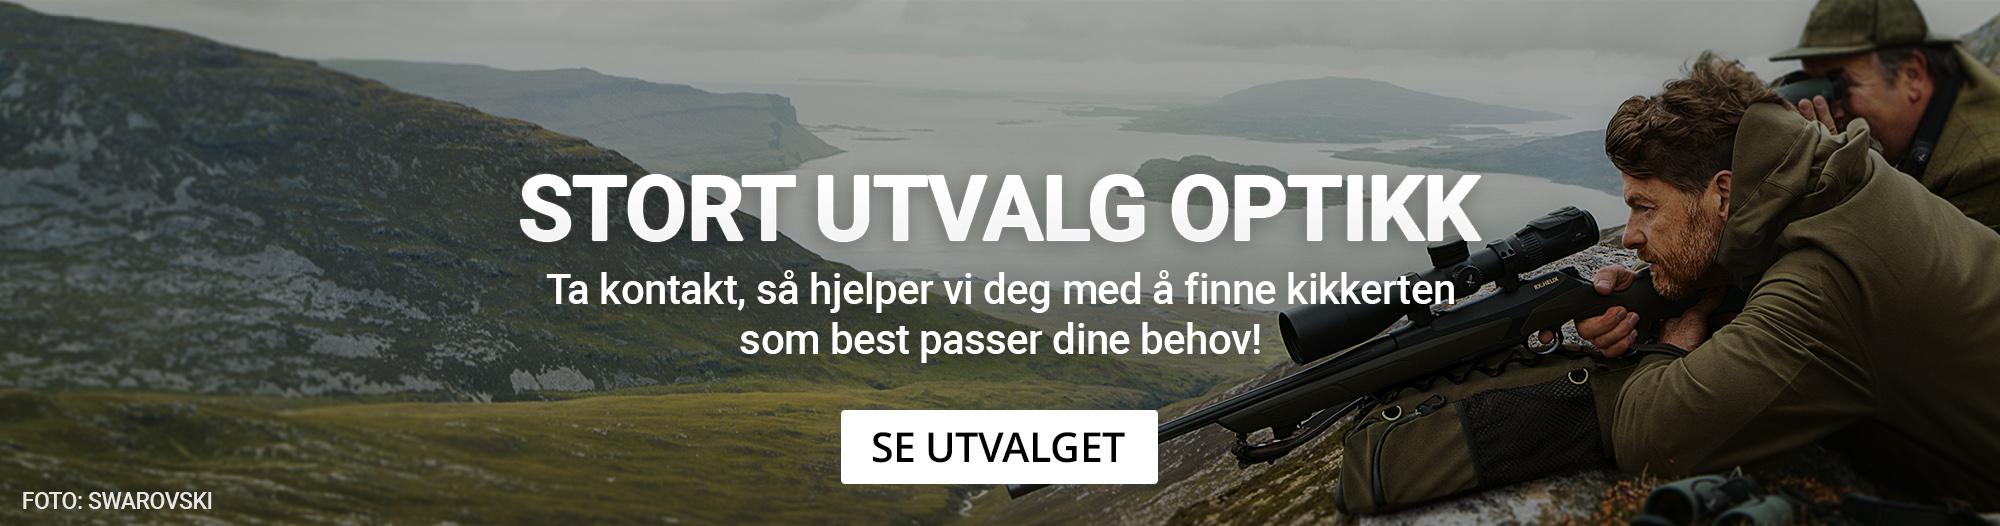 optikk_top_banner6